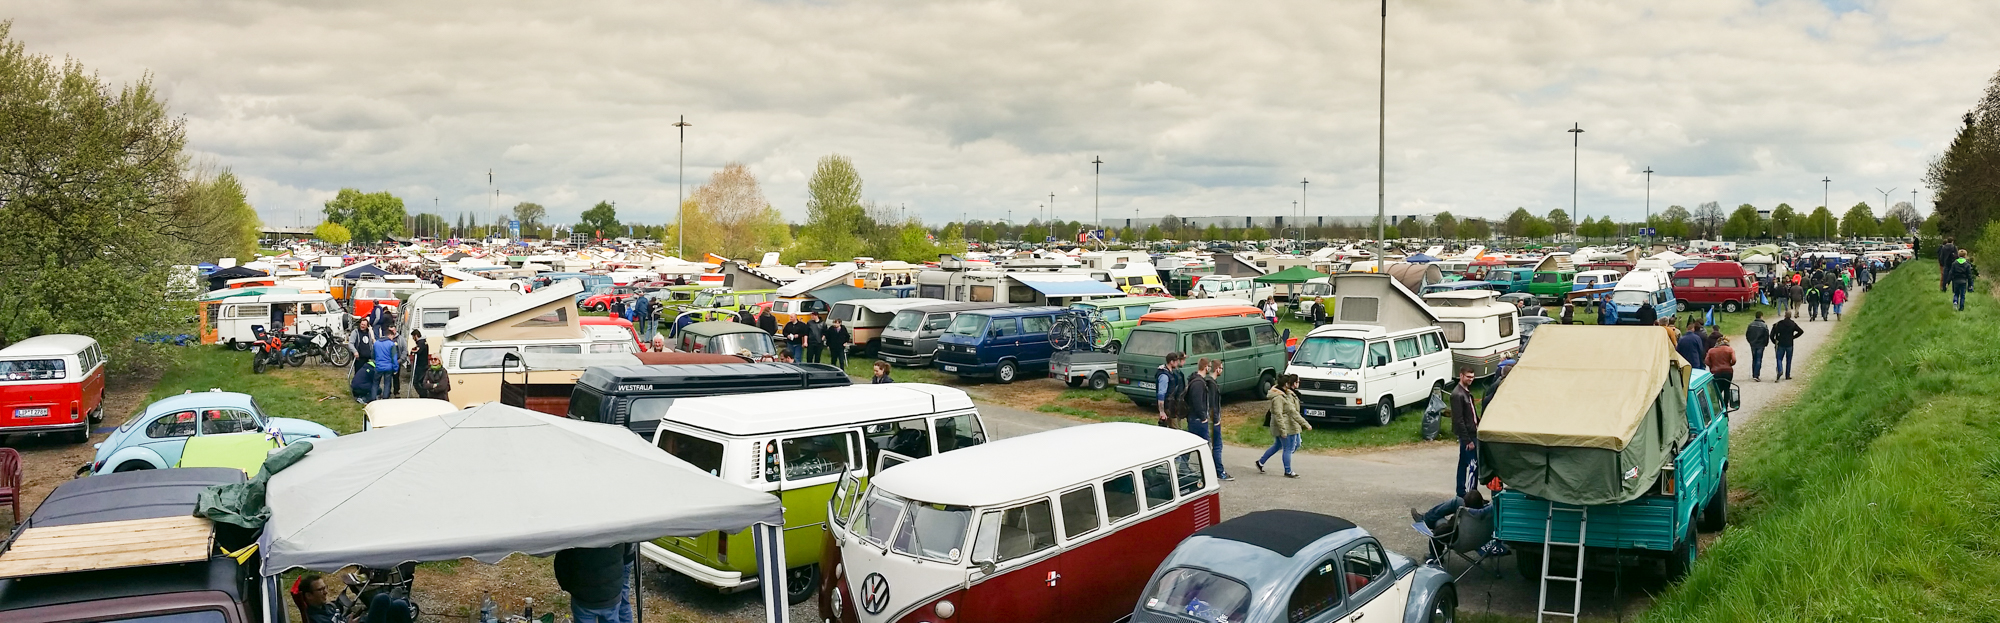 Blick auf den Teilnehmer Parkplatz